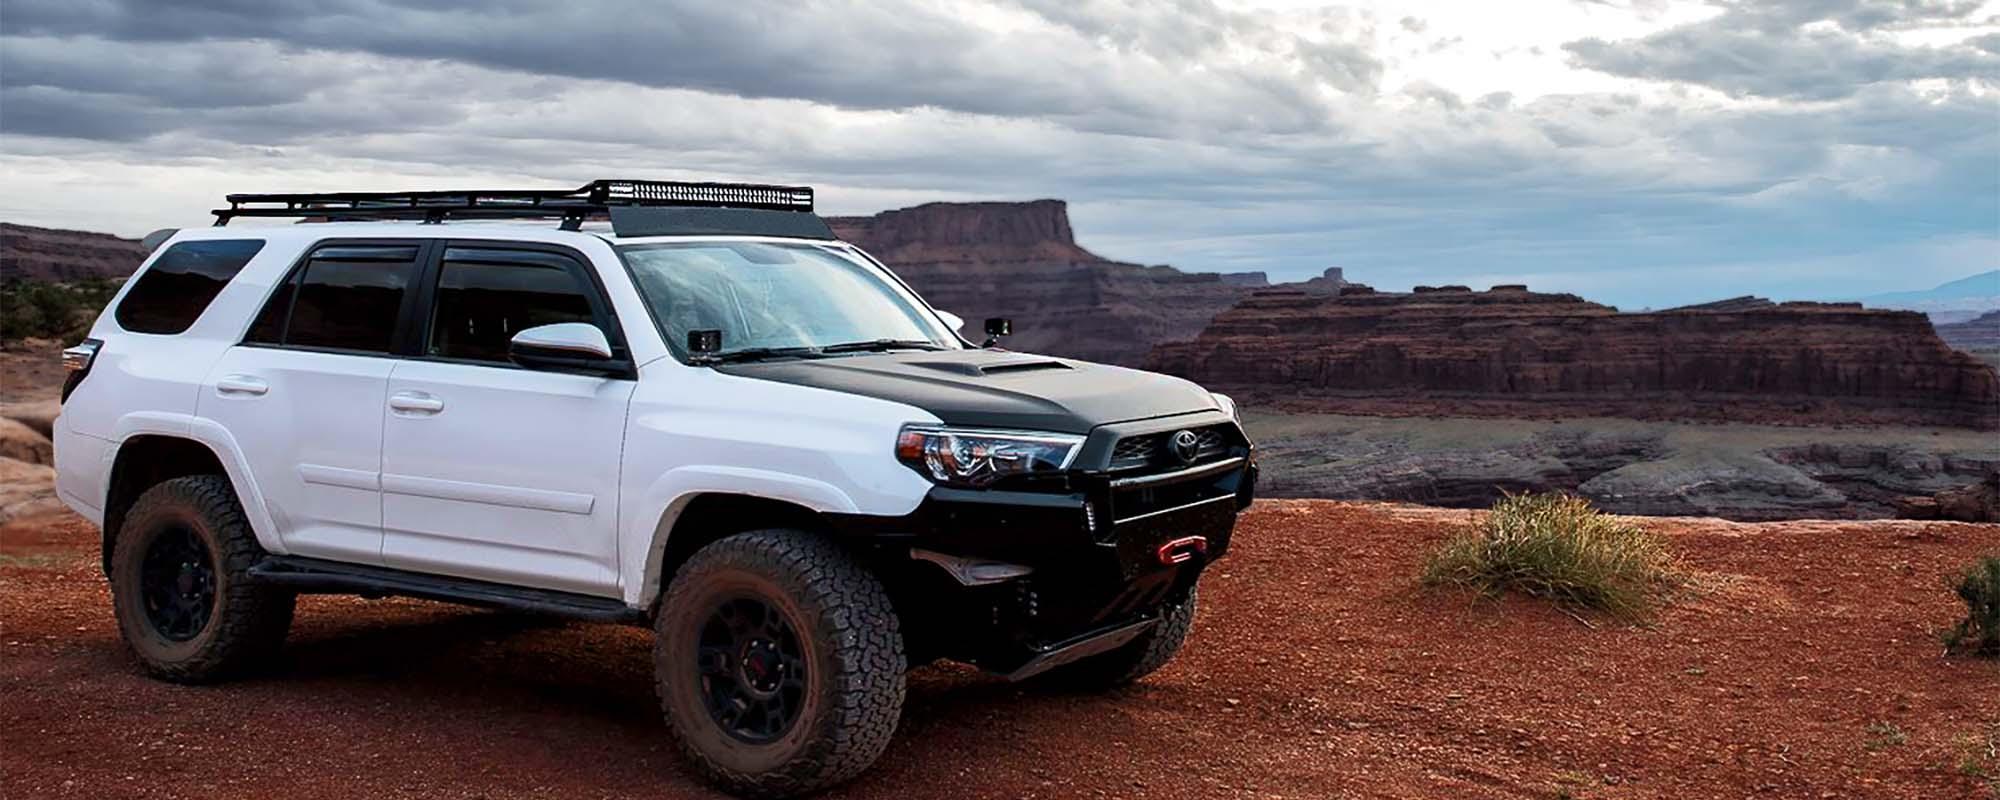 Gobi Roof Racks Toyota 4runner 5th Gen Moab